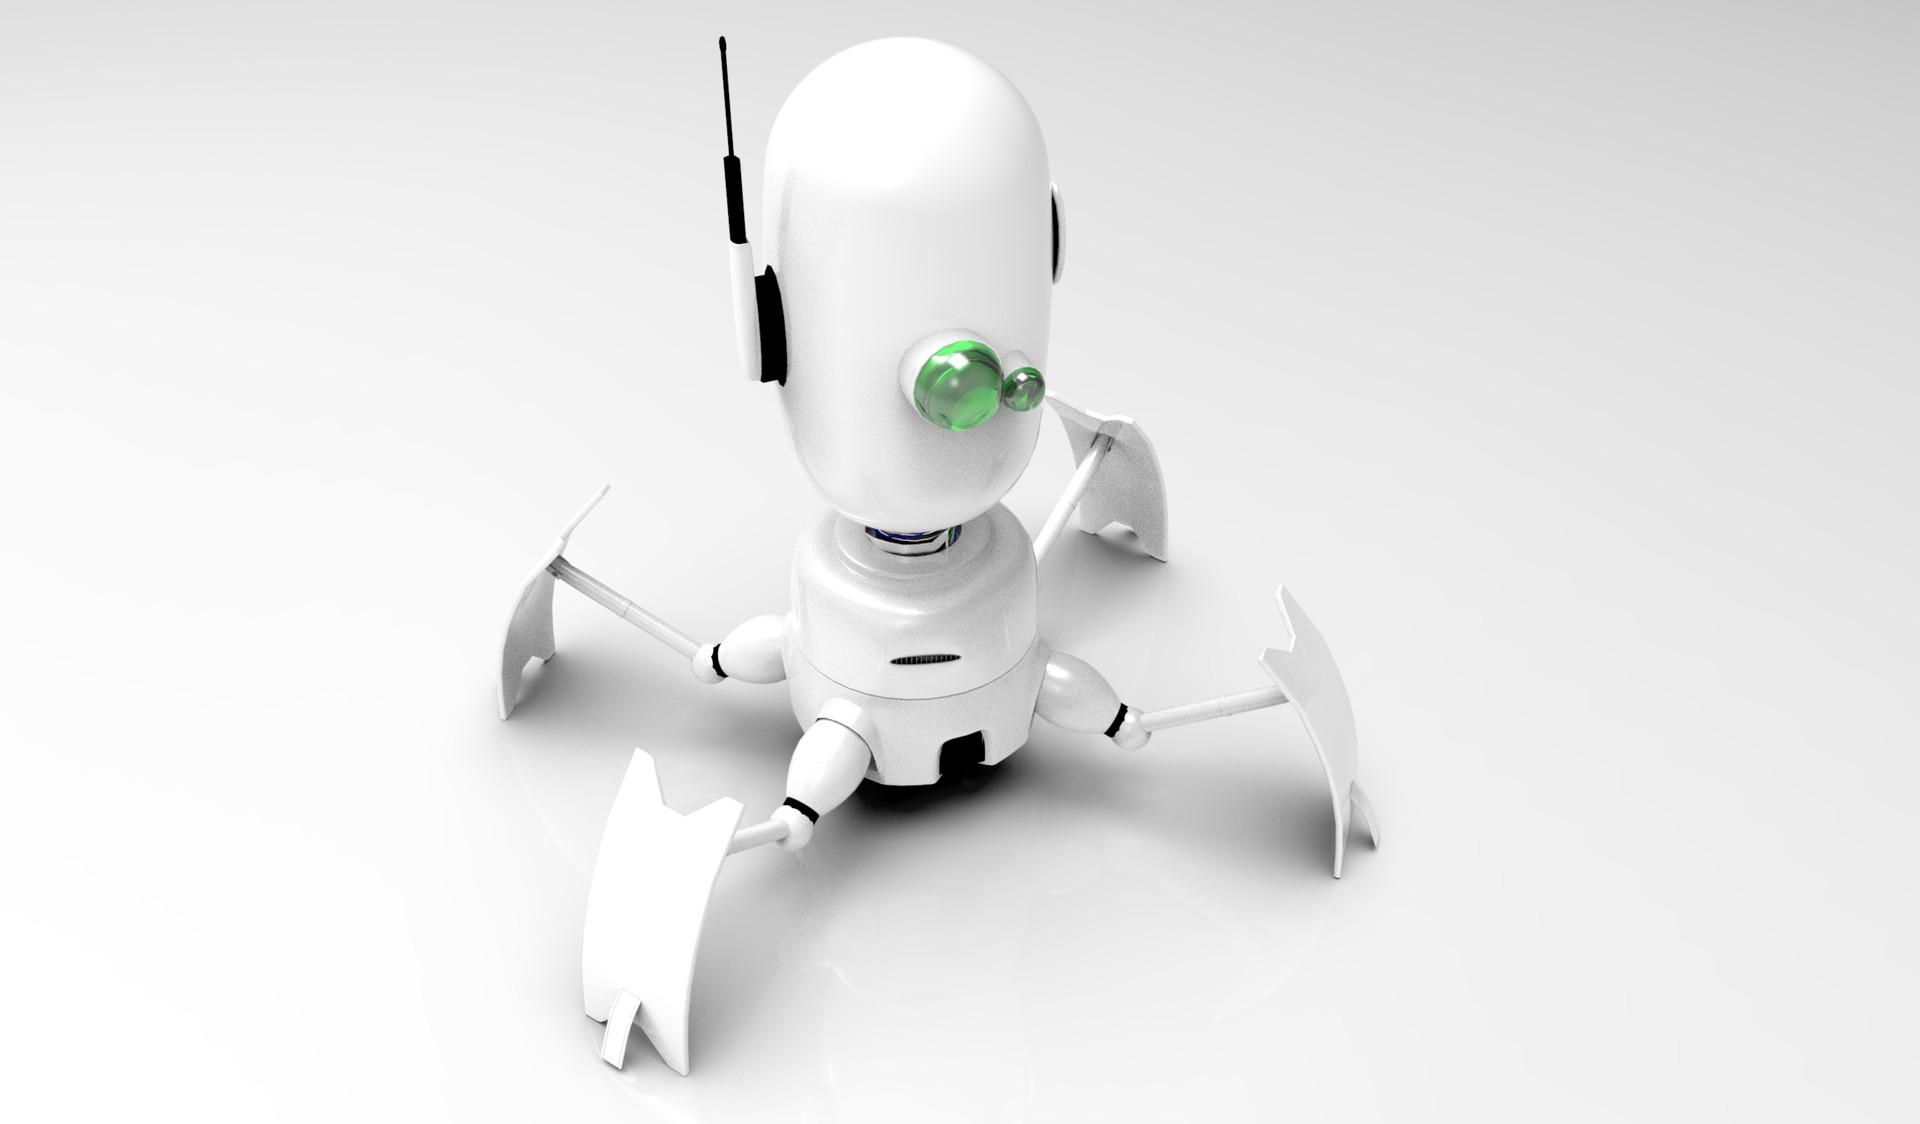 Luis valle robot render 4